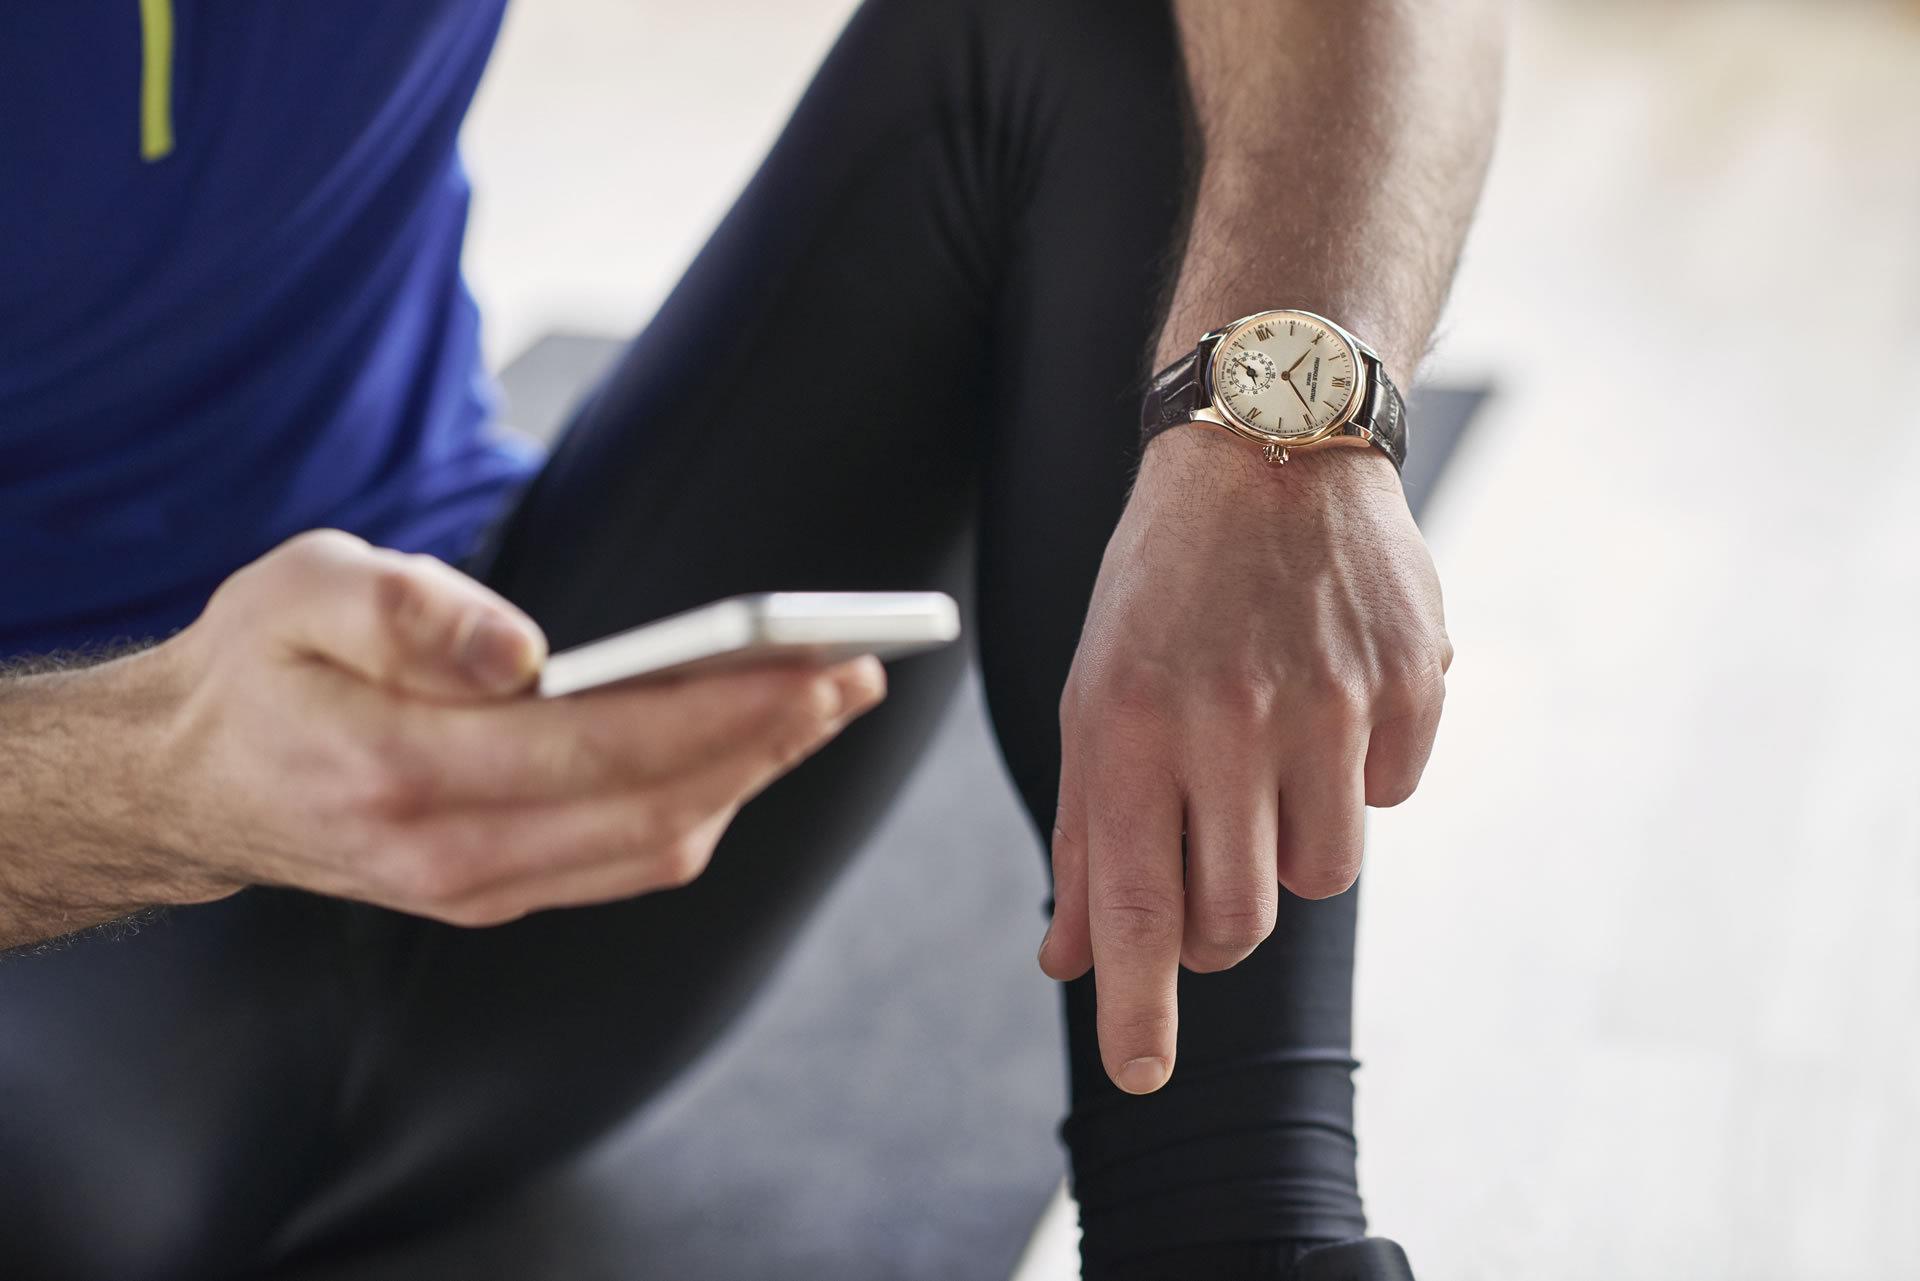 Смарт-часы класса премиум: какие предложения есть на рынке - 4